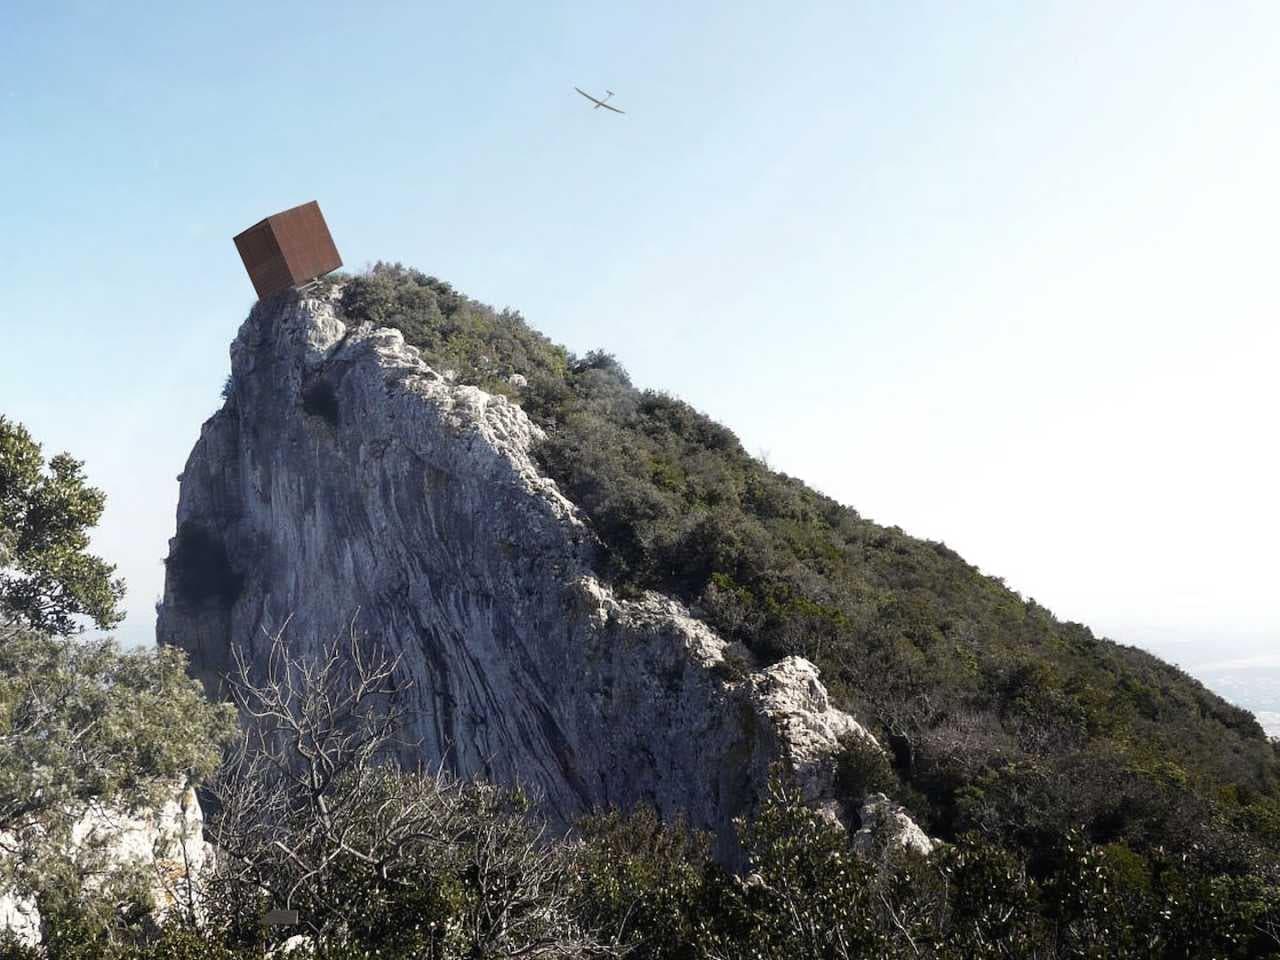 ロッククライミング中に一休み―クライマーがのんびり景色を楽しめる「ヴェルドン バルコニー」